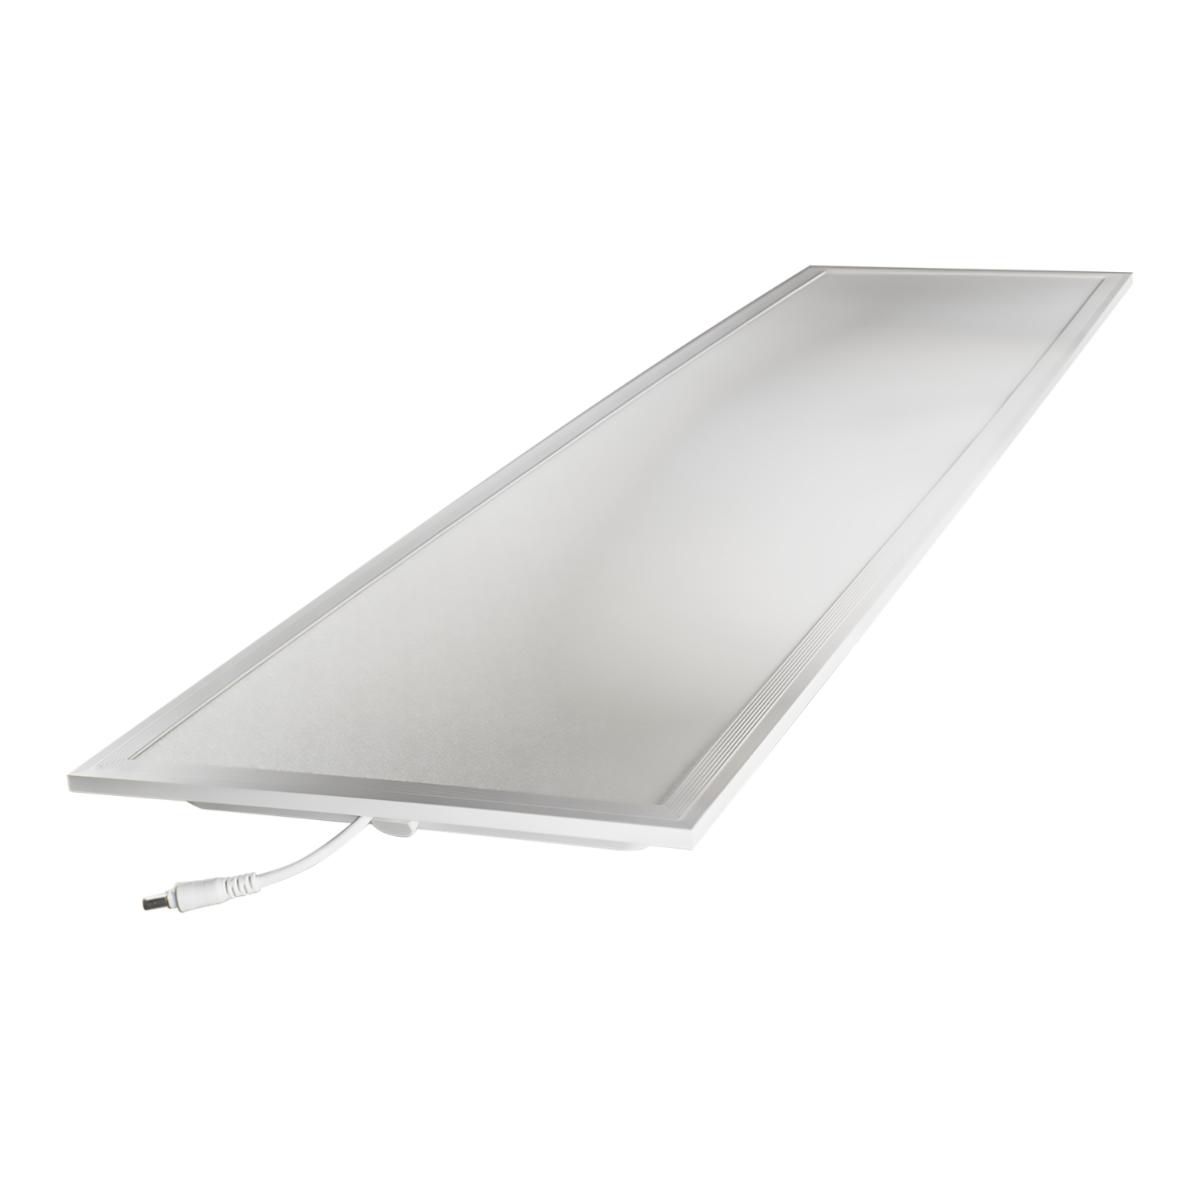 Noxion LED Paneel Econox 32W 30x120cm 3000K 3900lm UGR <22 | Vervanger voor 2x36W